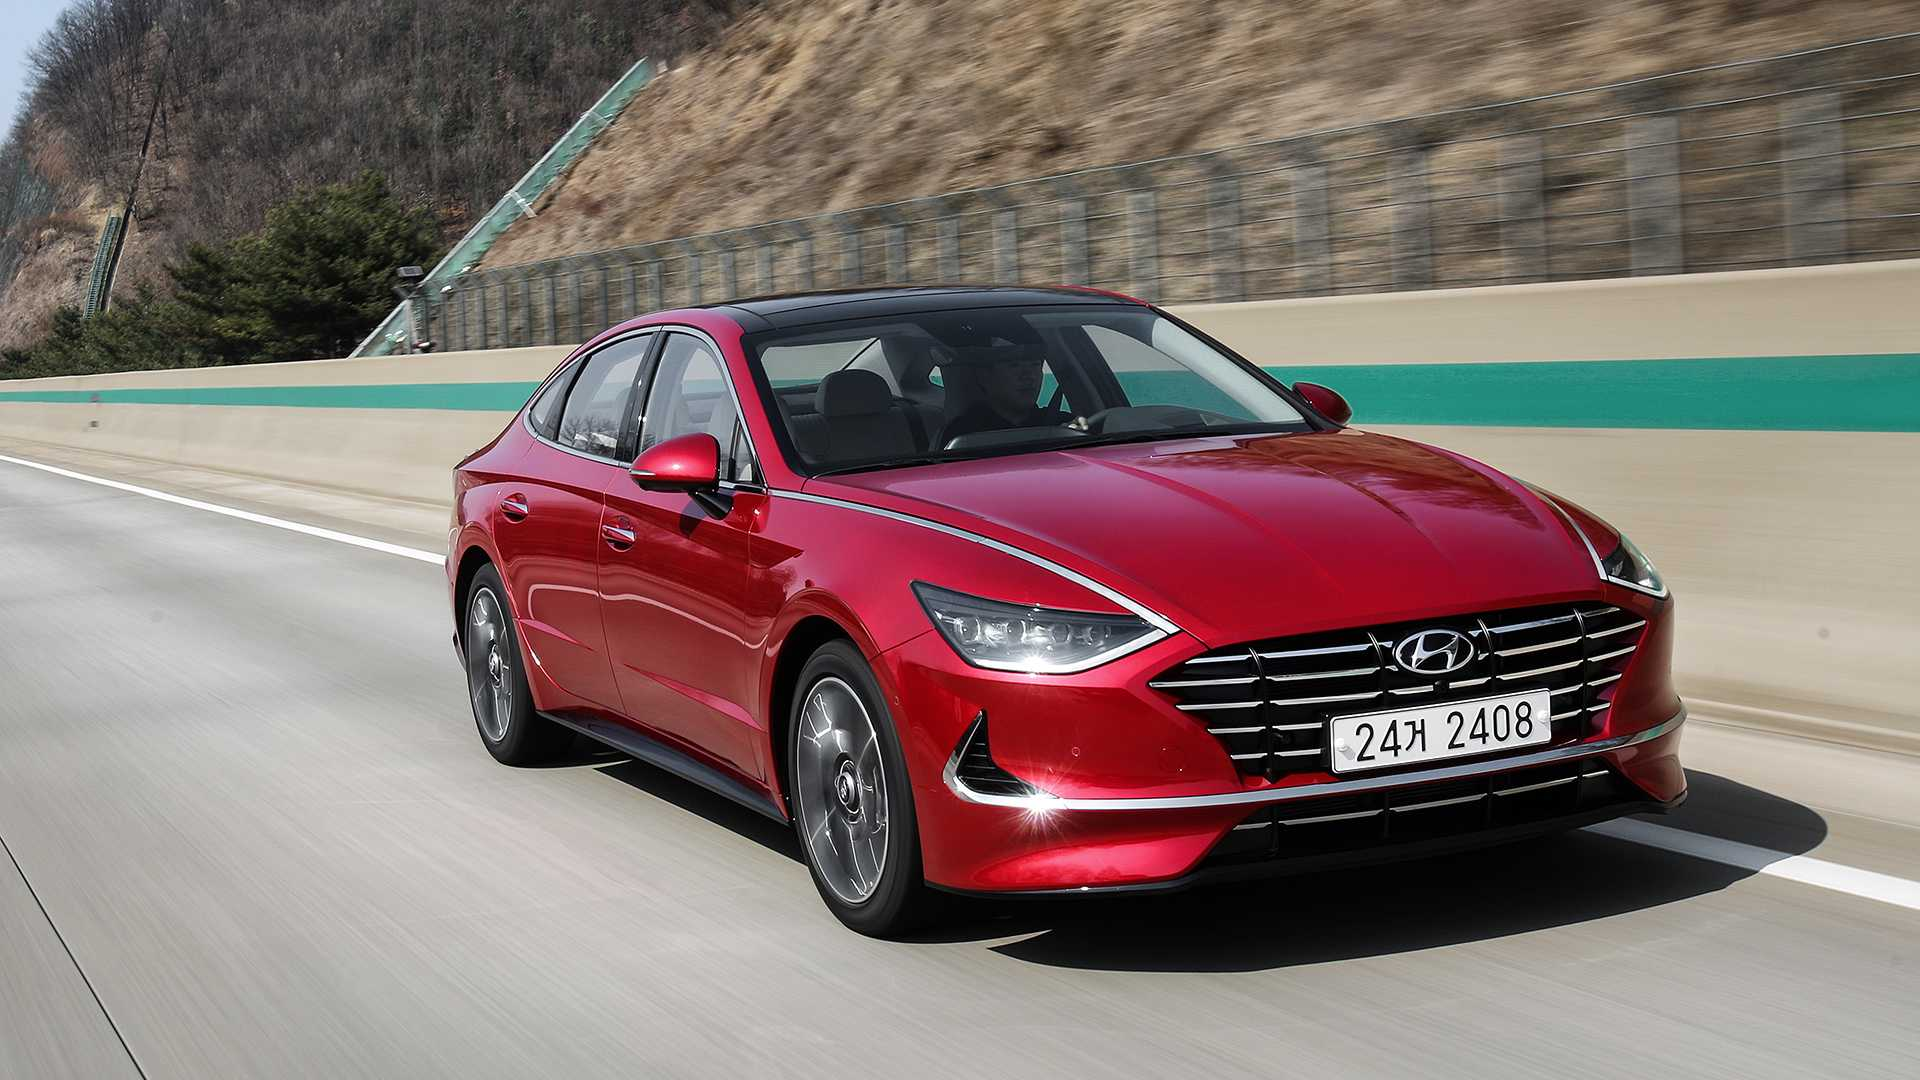 59 Great Price Of 2020 Hyundai Sonata Engine for Price Of 2020 Hyundai Sonata